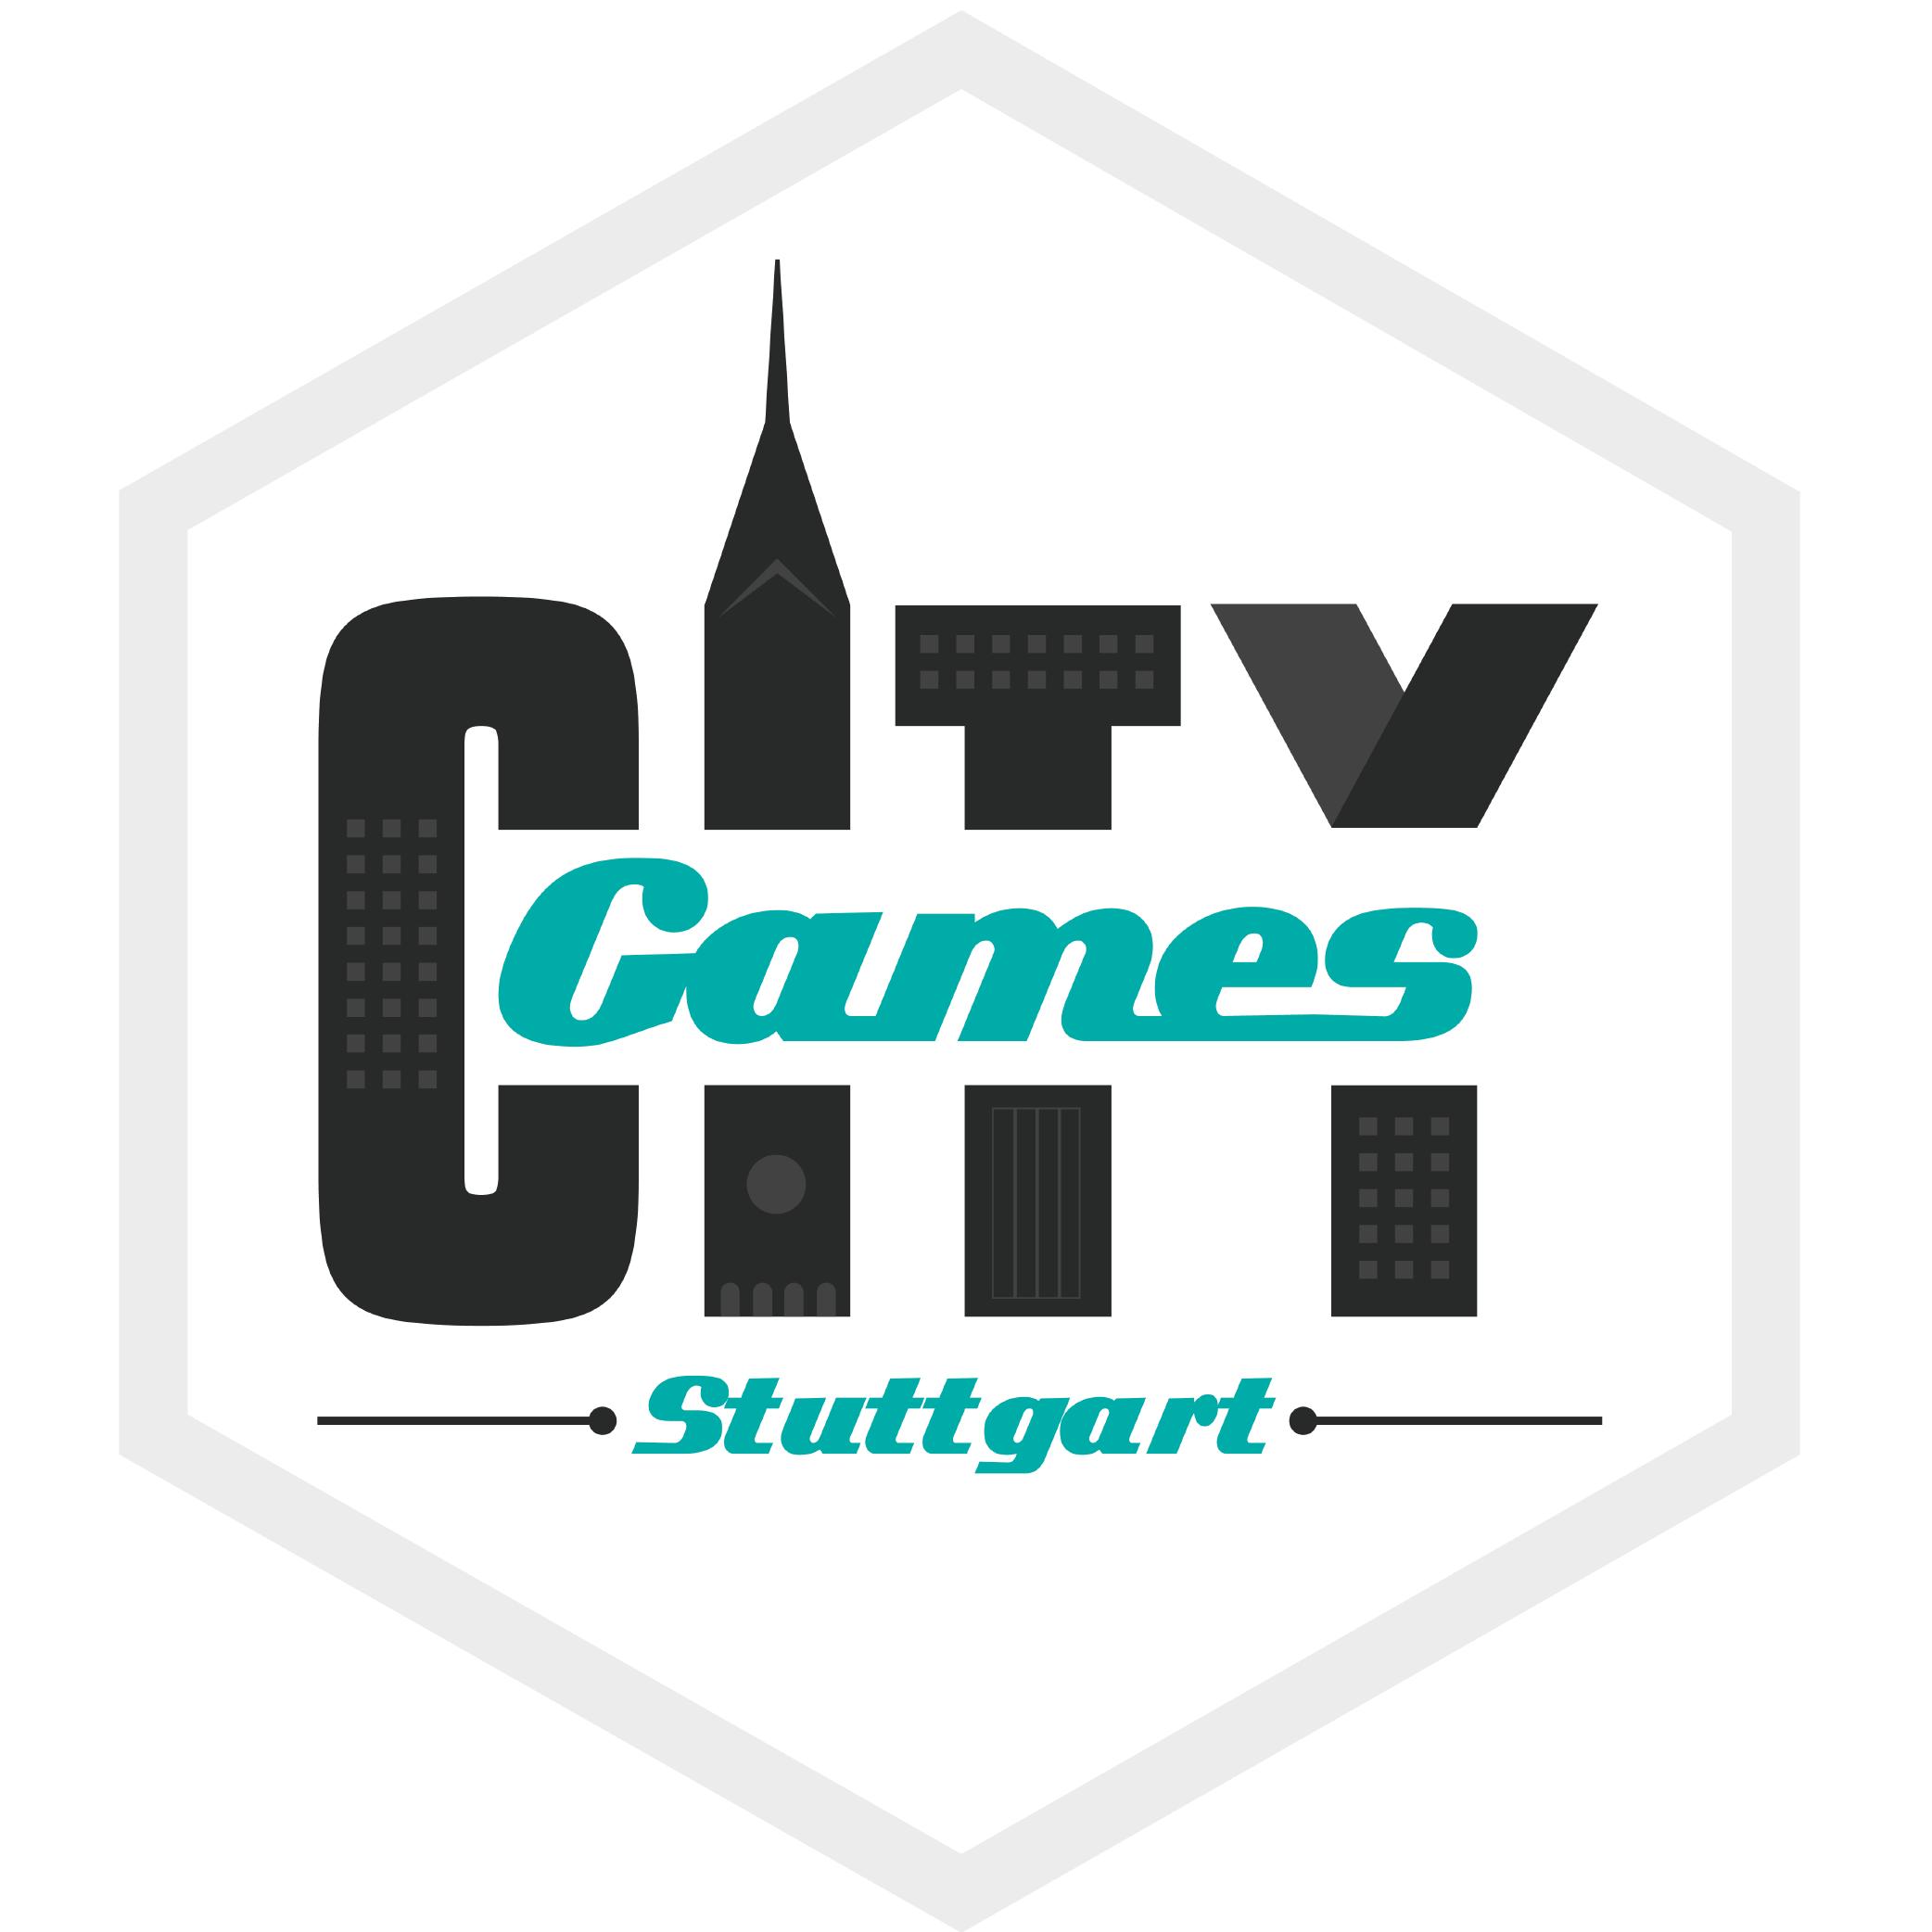 CityGames Stuttgart